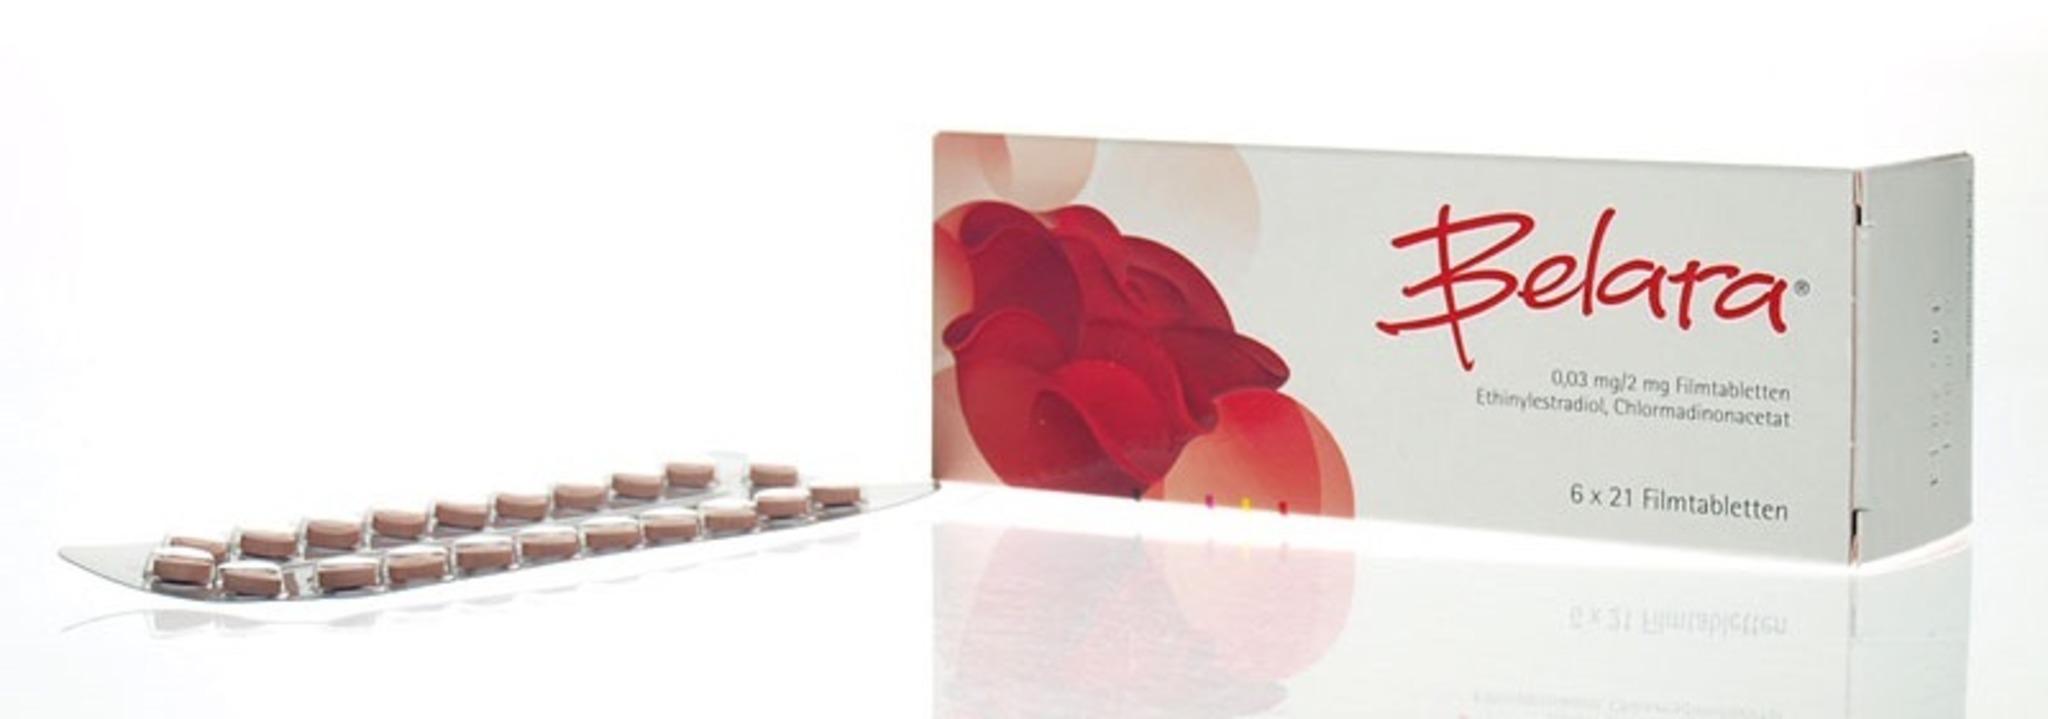 Belara gewichtszunahme durch pille beavanidel: Pille